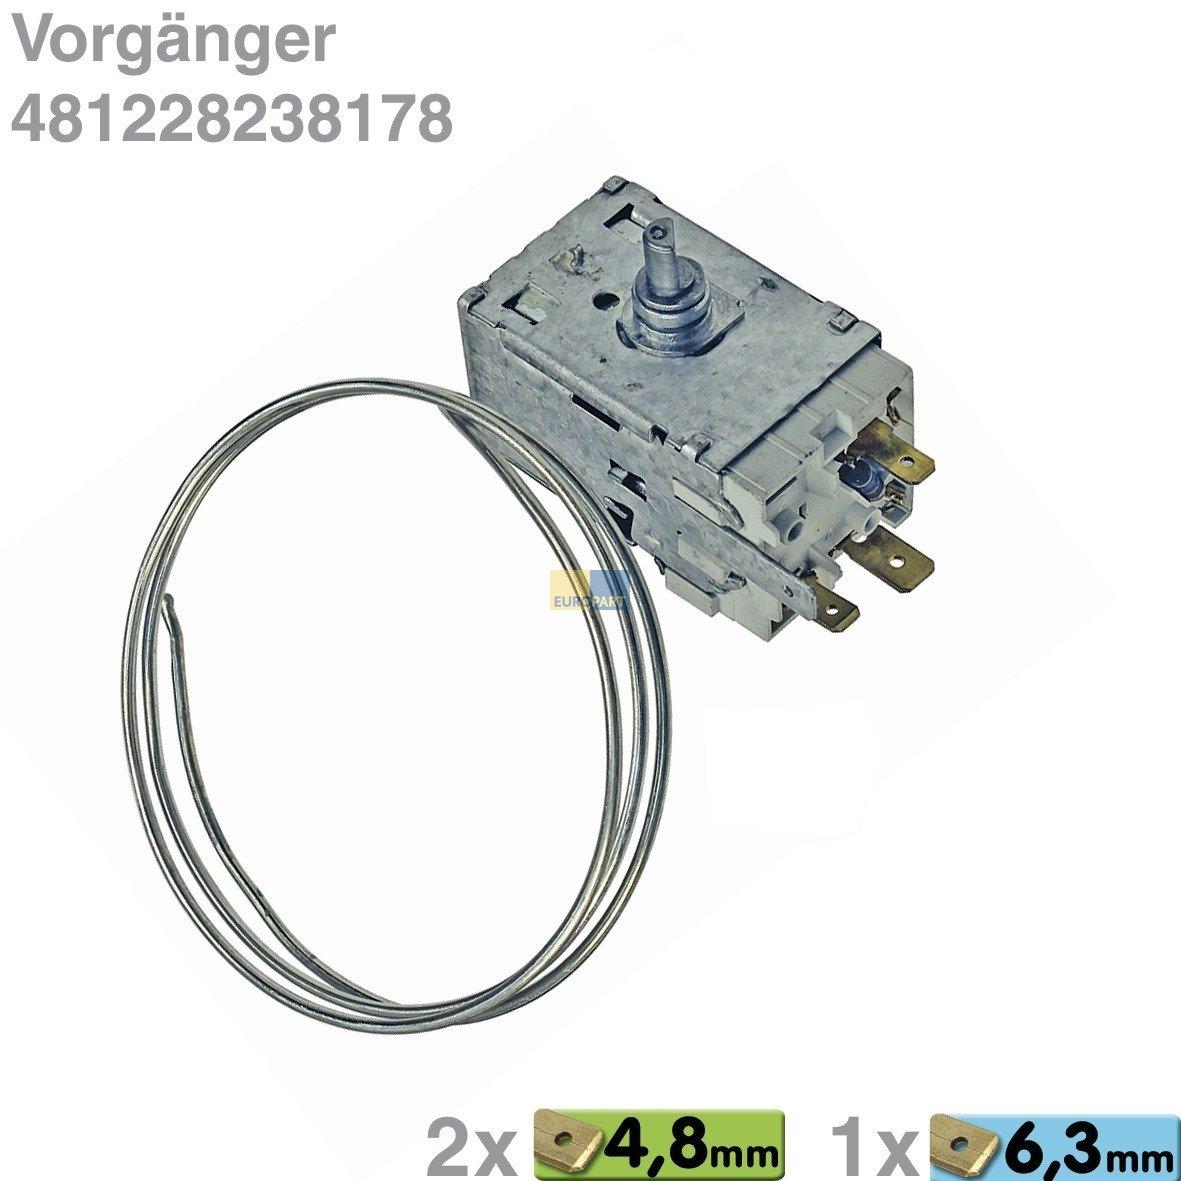 Termostato Ranco K59 de s2790/500 con casquillo a130700 WHP 481228238178: Amazon.es: Grandes electrodomésticos